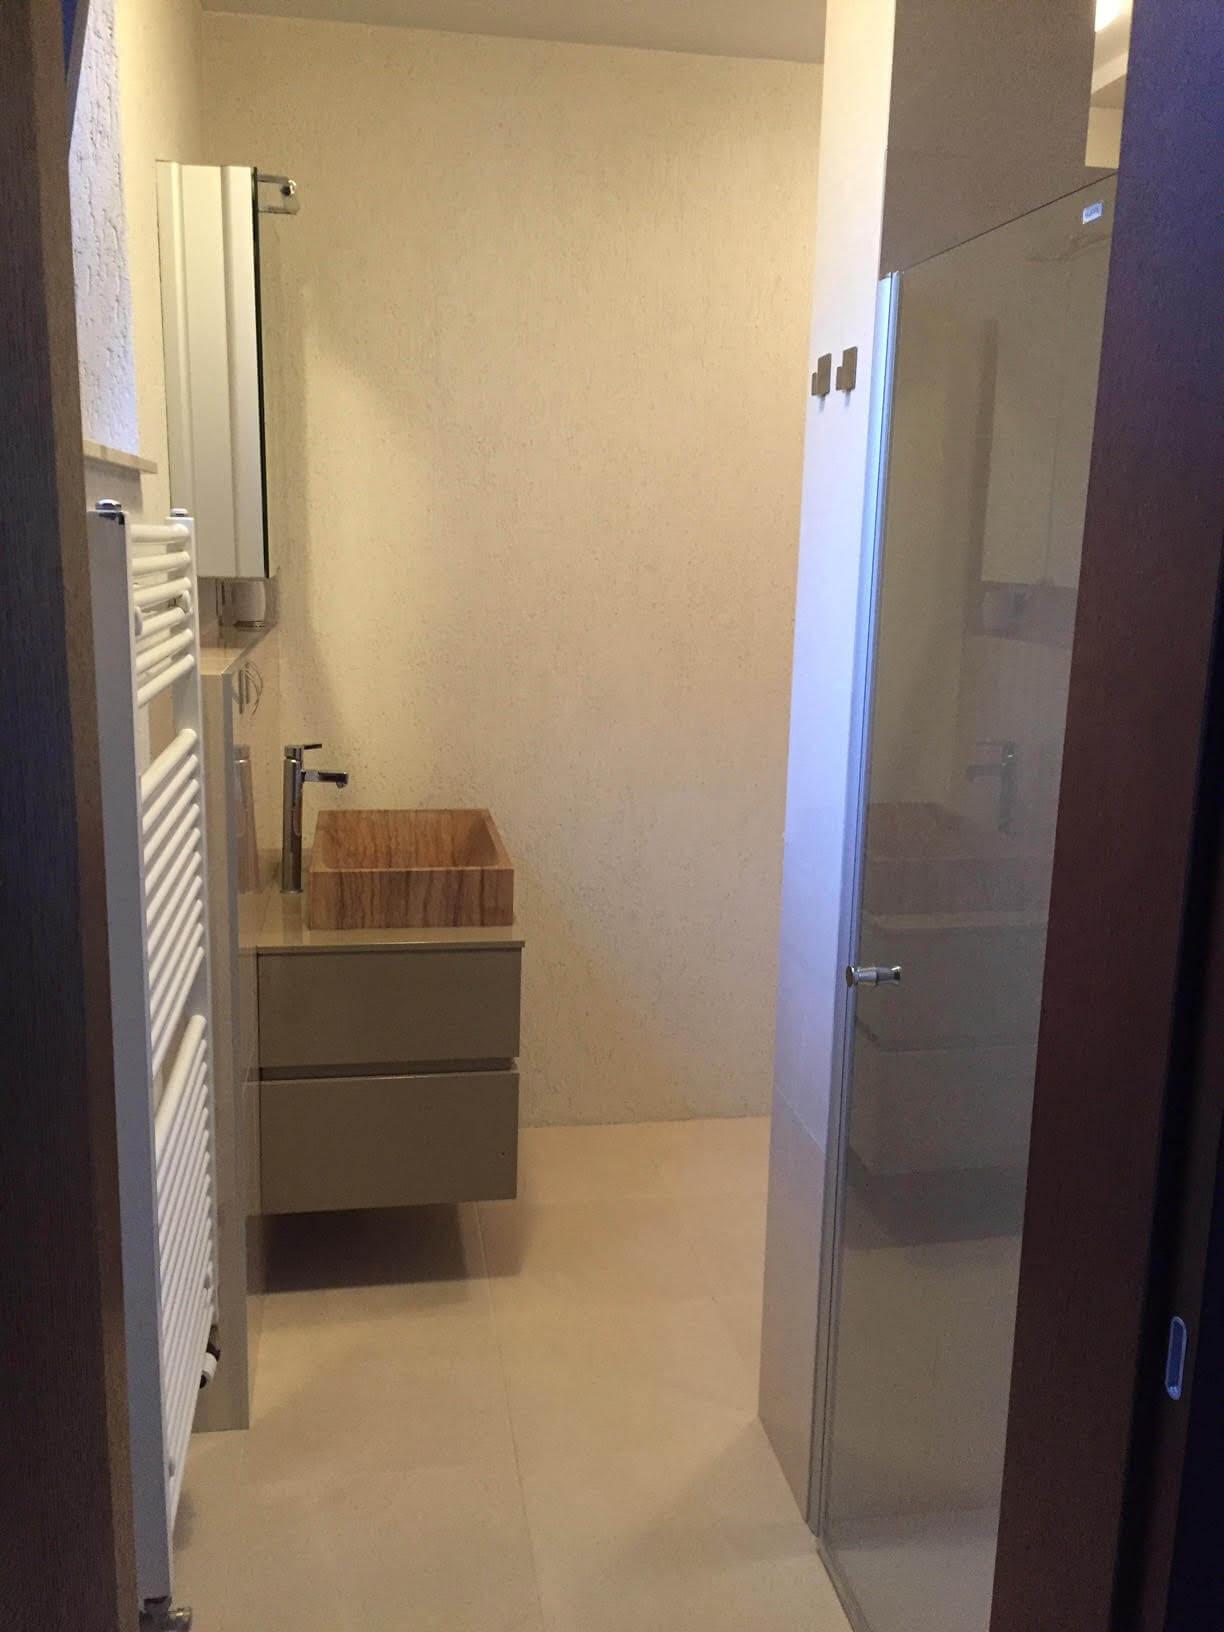 Luxusný 3 izbový byt v centre BA, 88m2, Dunajská 48, balkón 6m, garážové státie,klimatizácia, krb-8